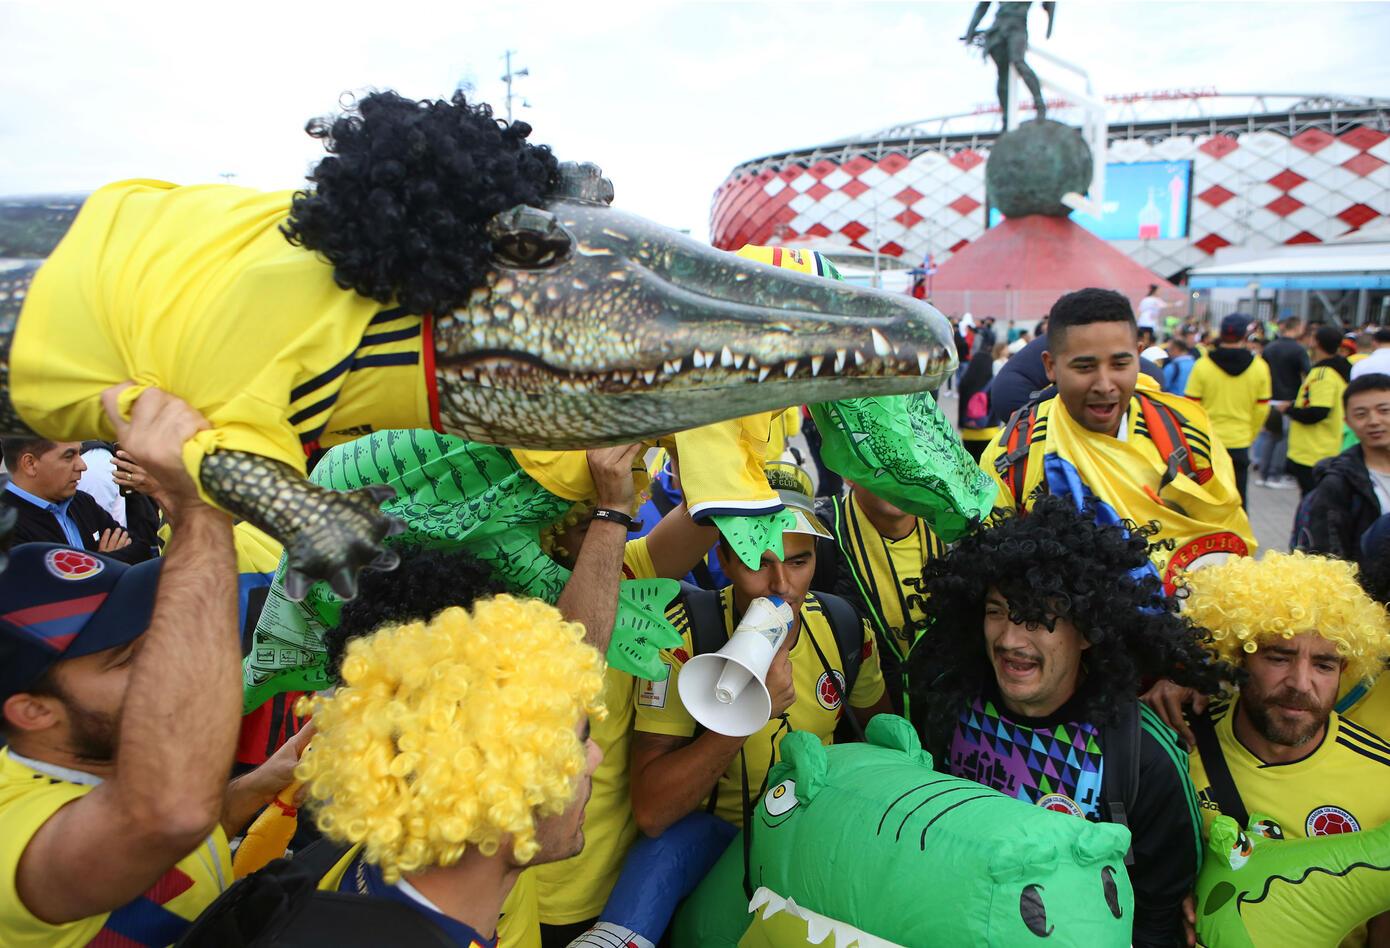 Hinchas colombianos a las afueras del estadio Spartak.